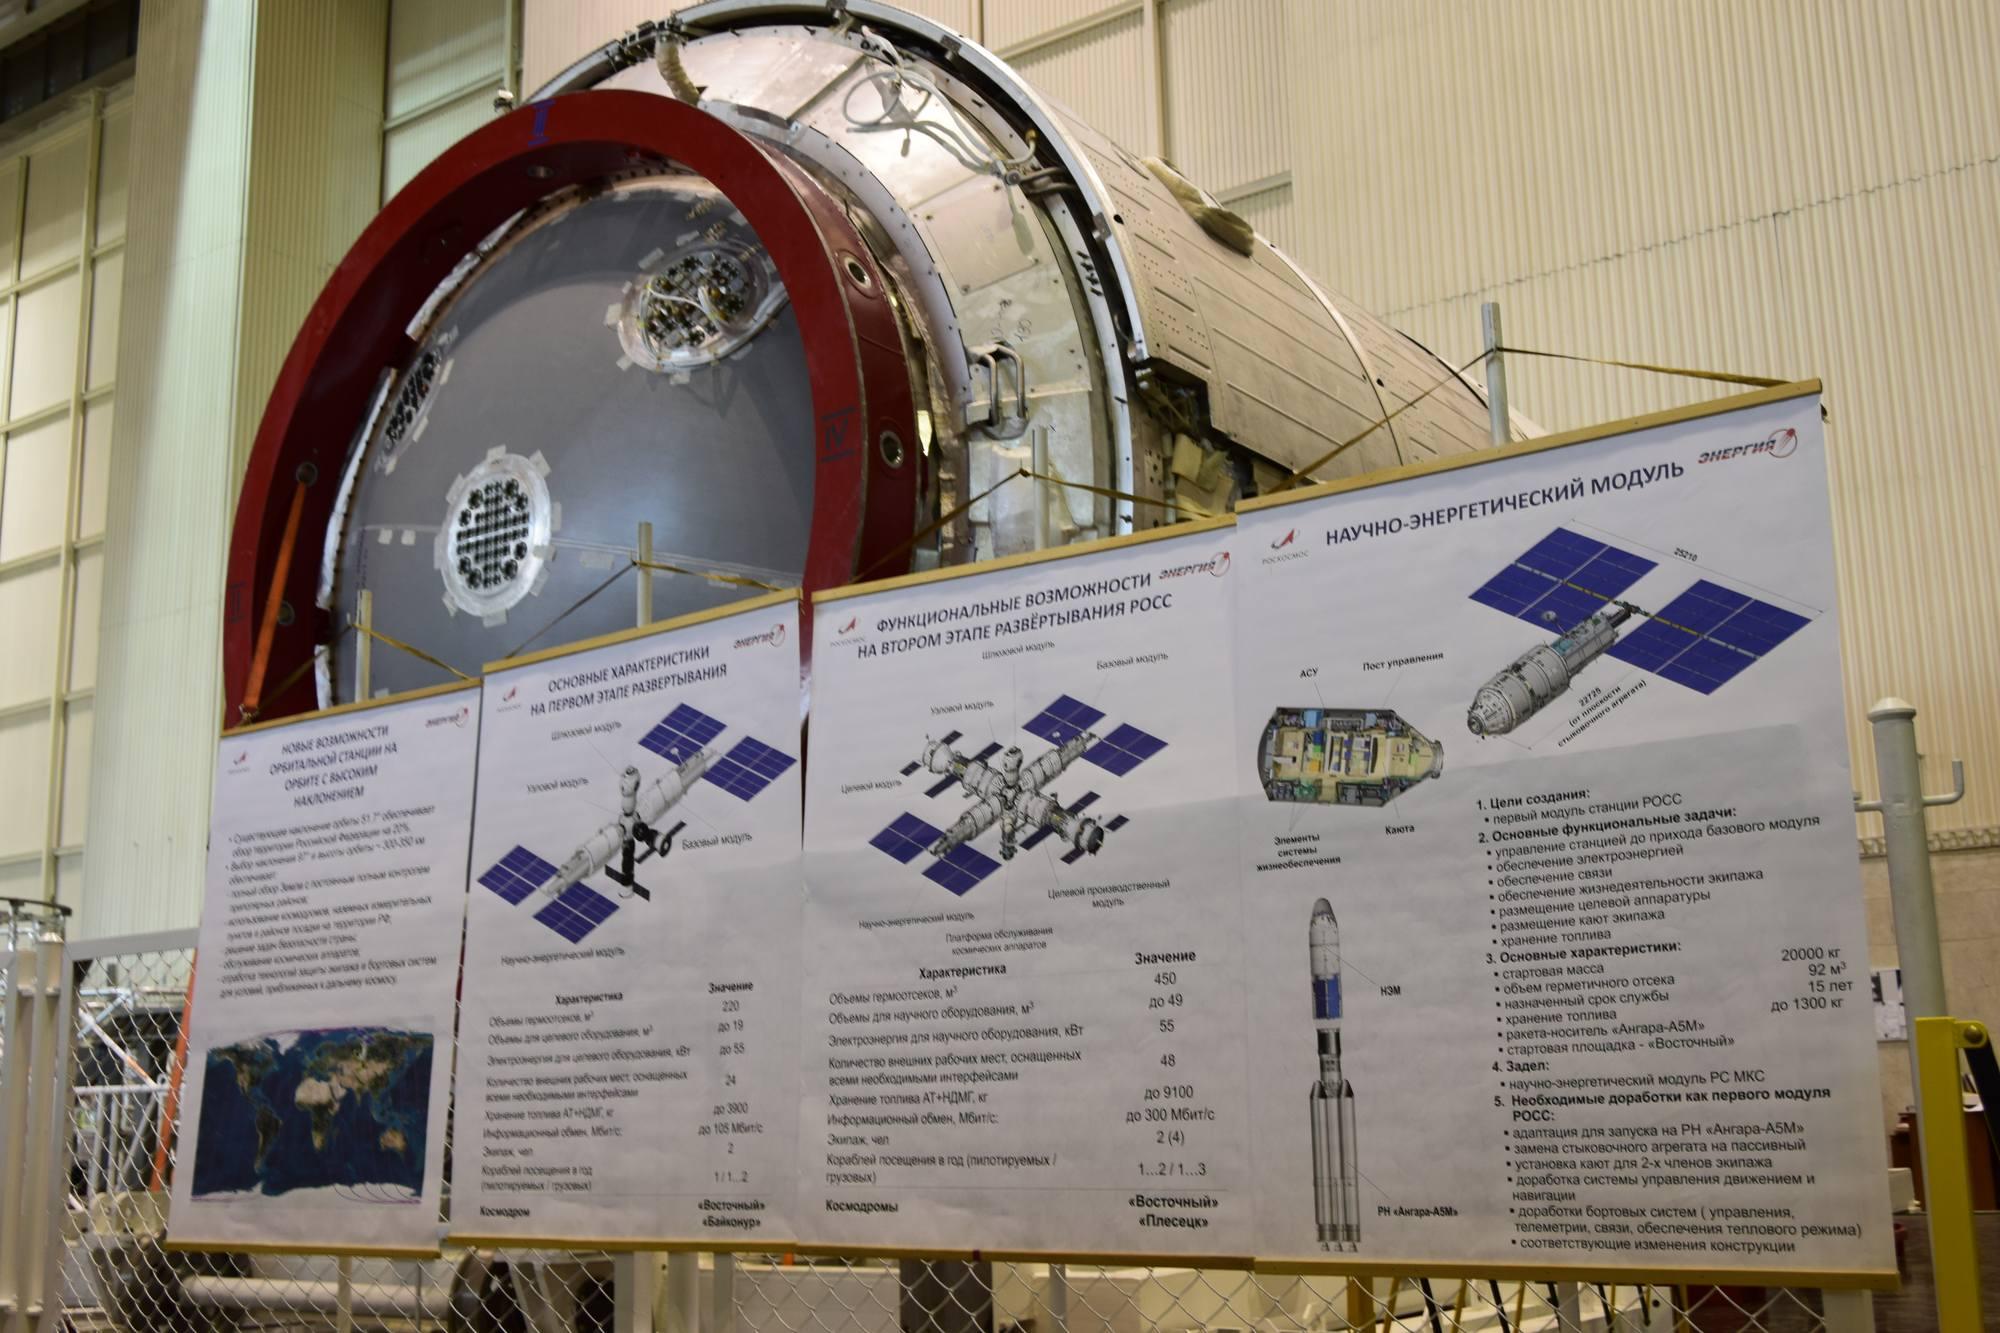 Les posters concernant la station ROSS devant un modèle du module NEM dans les locaux d'Energuya.